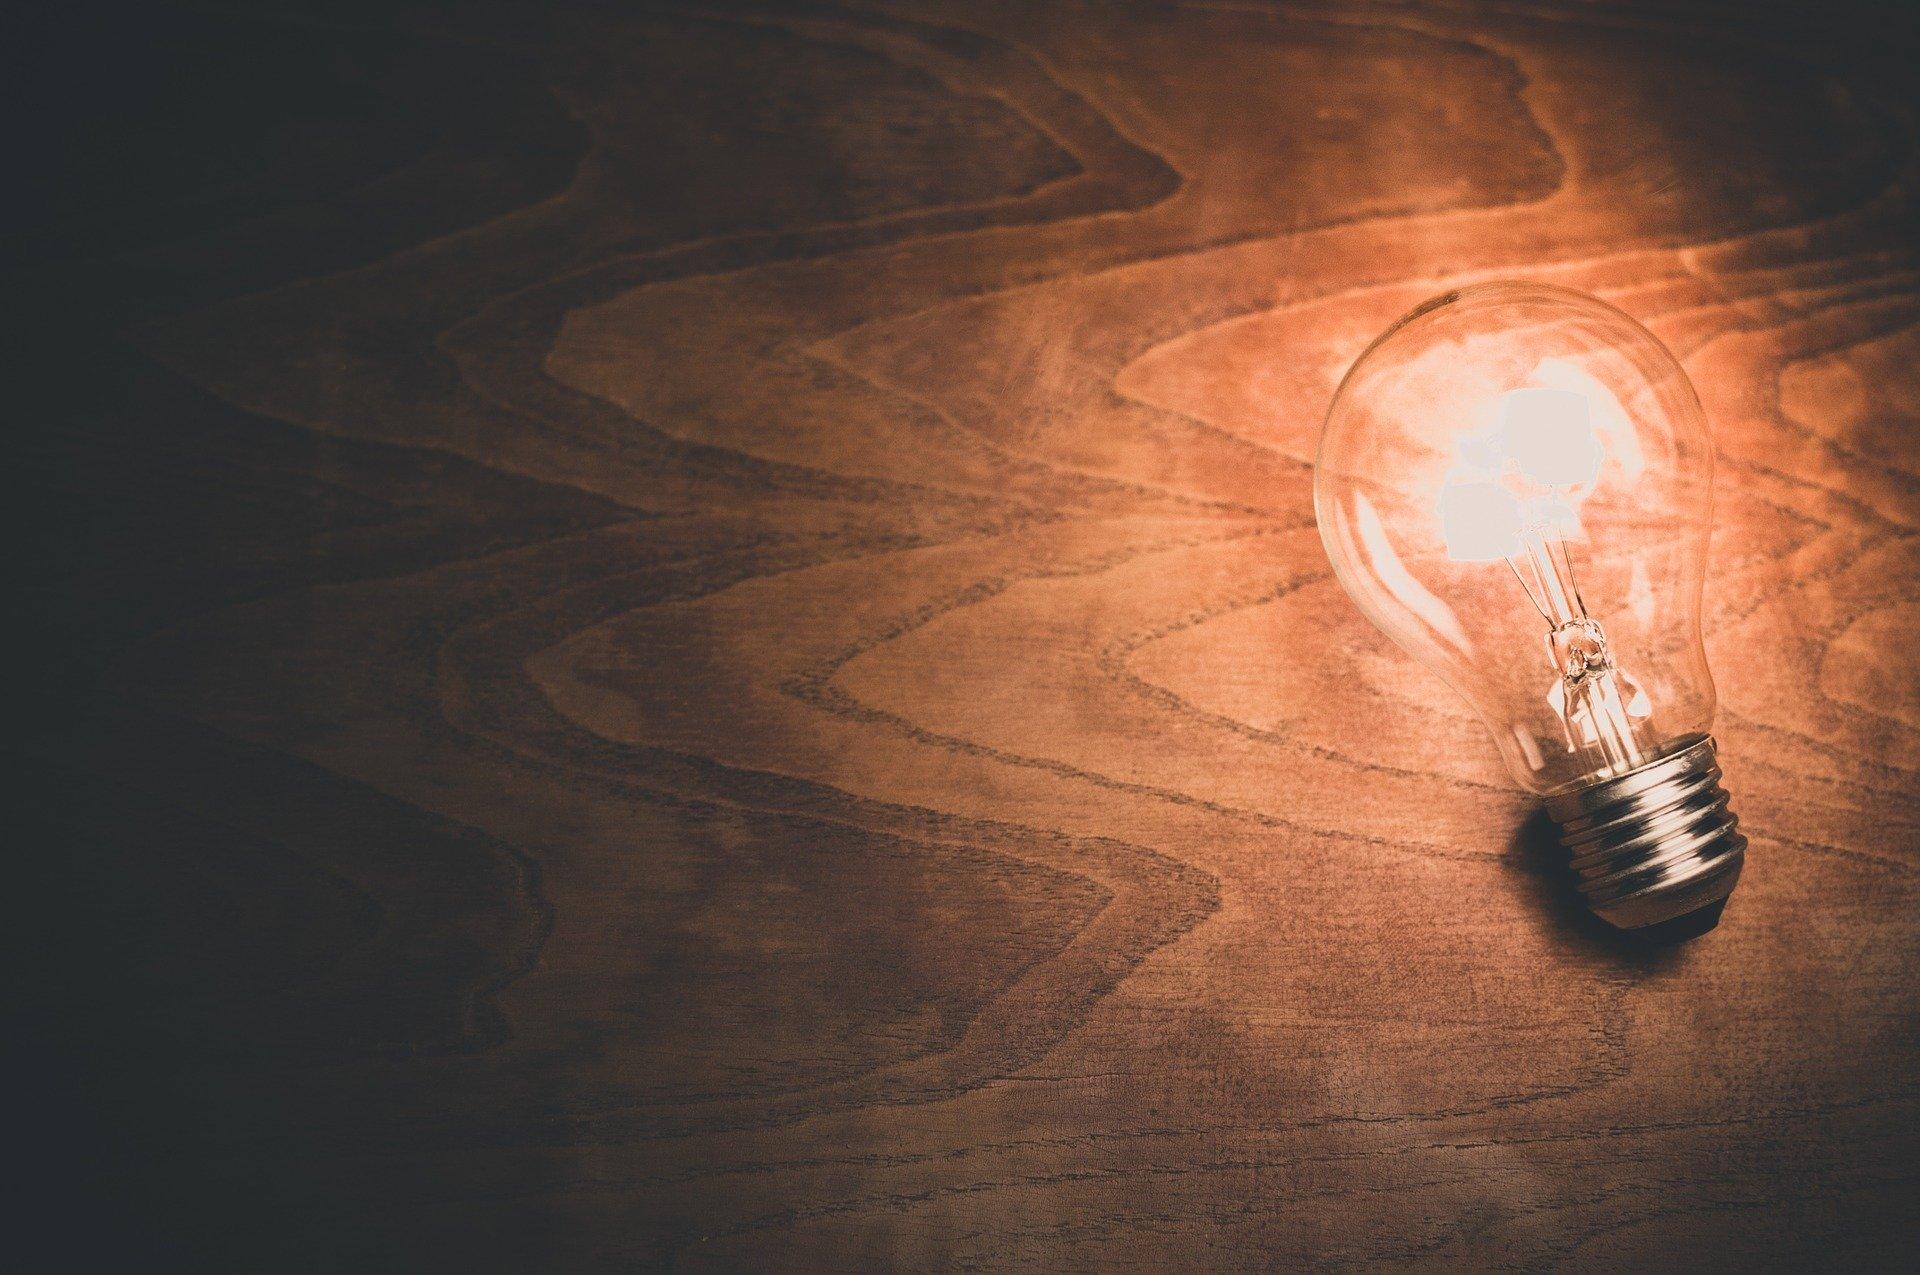 Elektrische Lampe - Glühlampe, es werde Licht